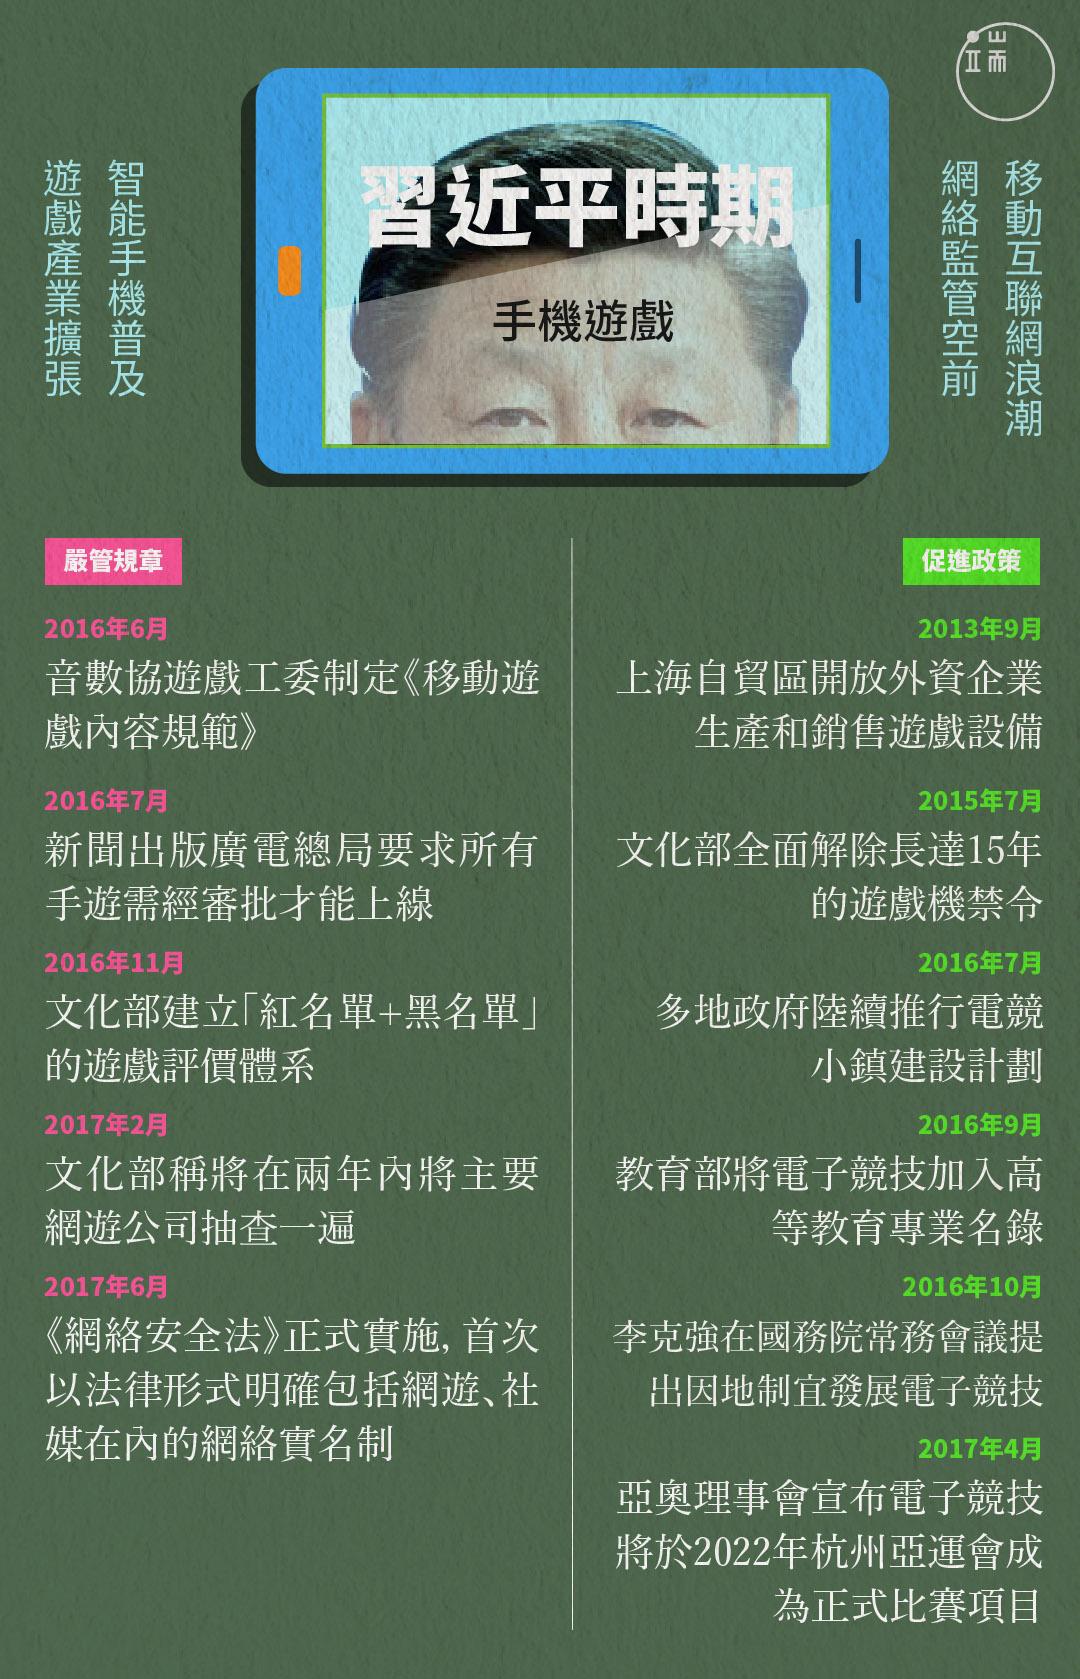 習近平時期對於中國遊戲的嚴管規章和促進政策。